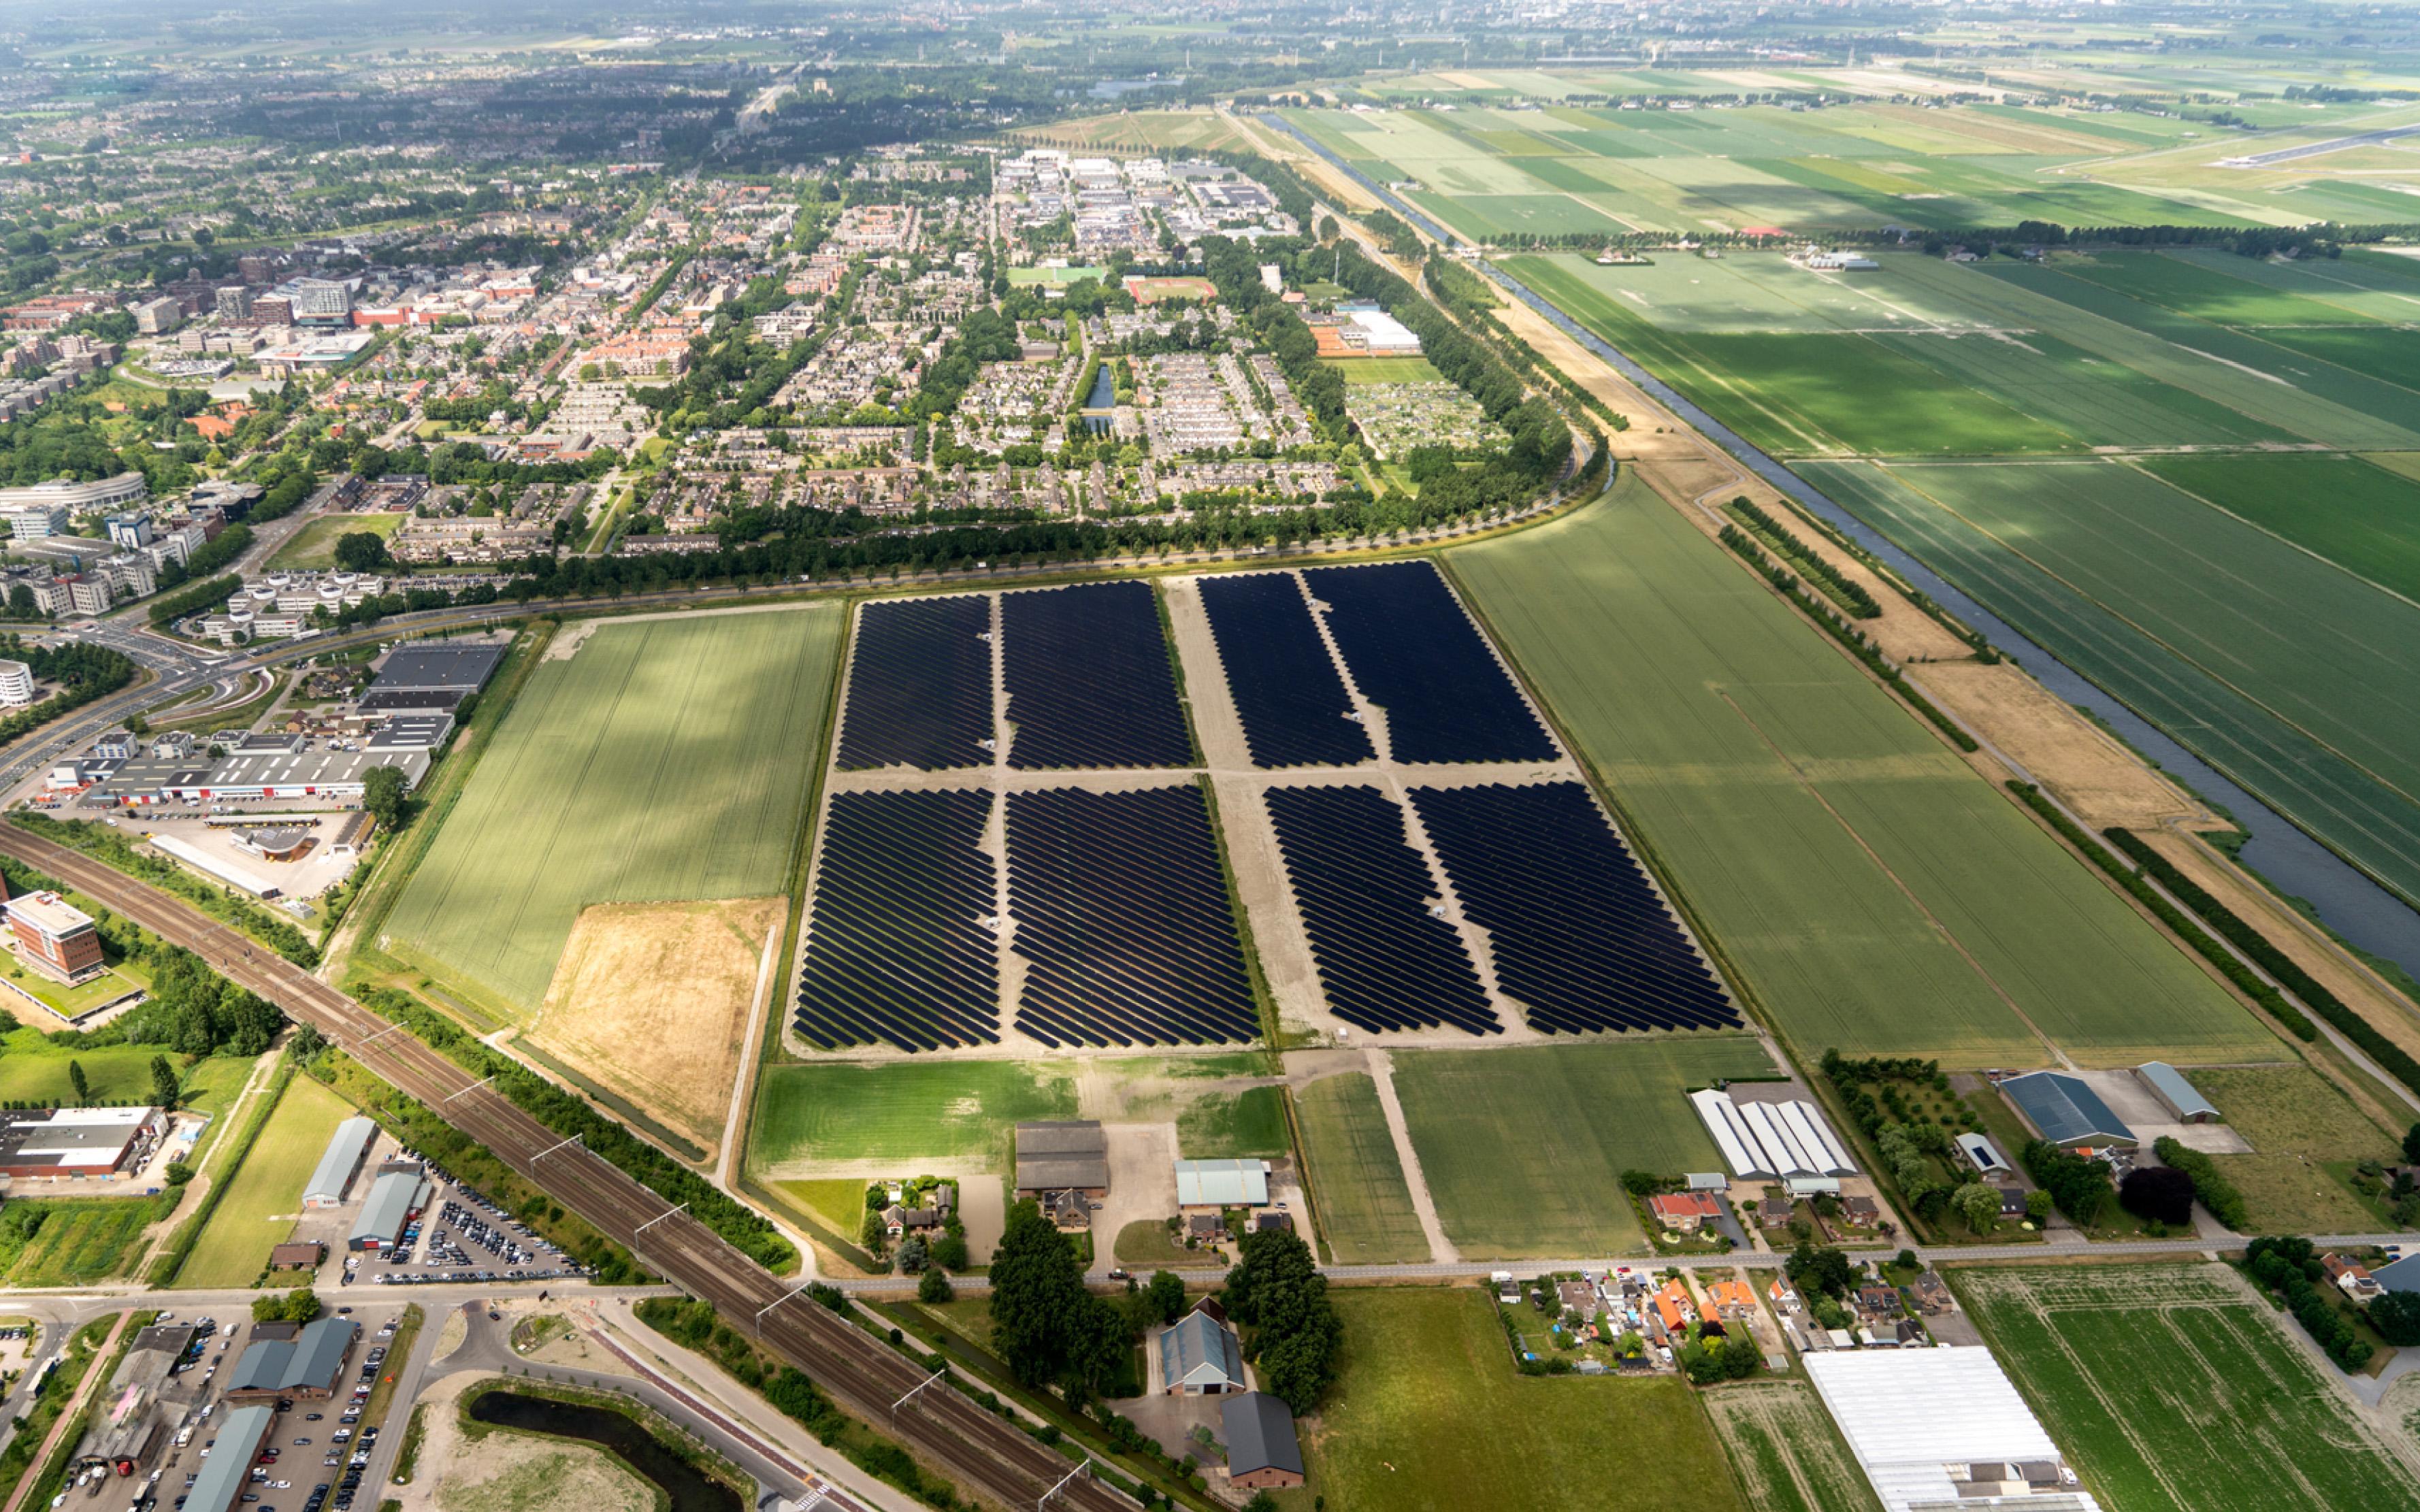 Steeds meer 'nee' tegen windturbines en zonneparken in de regio